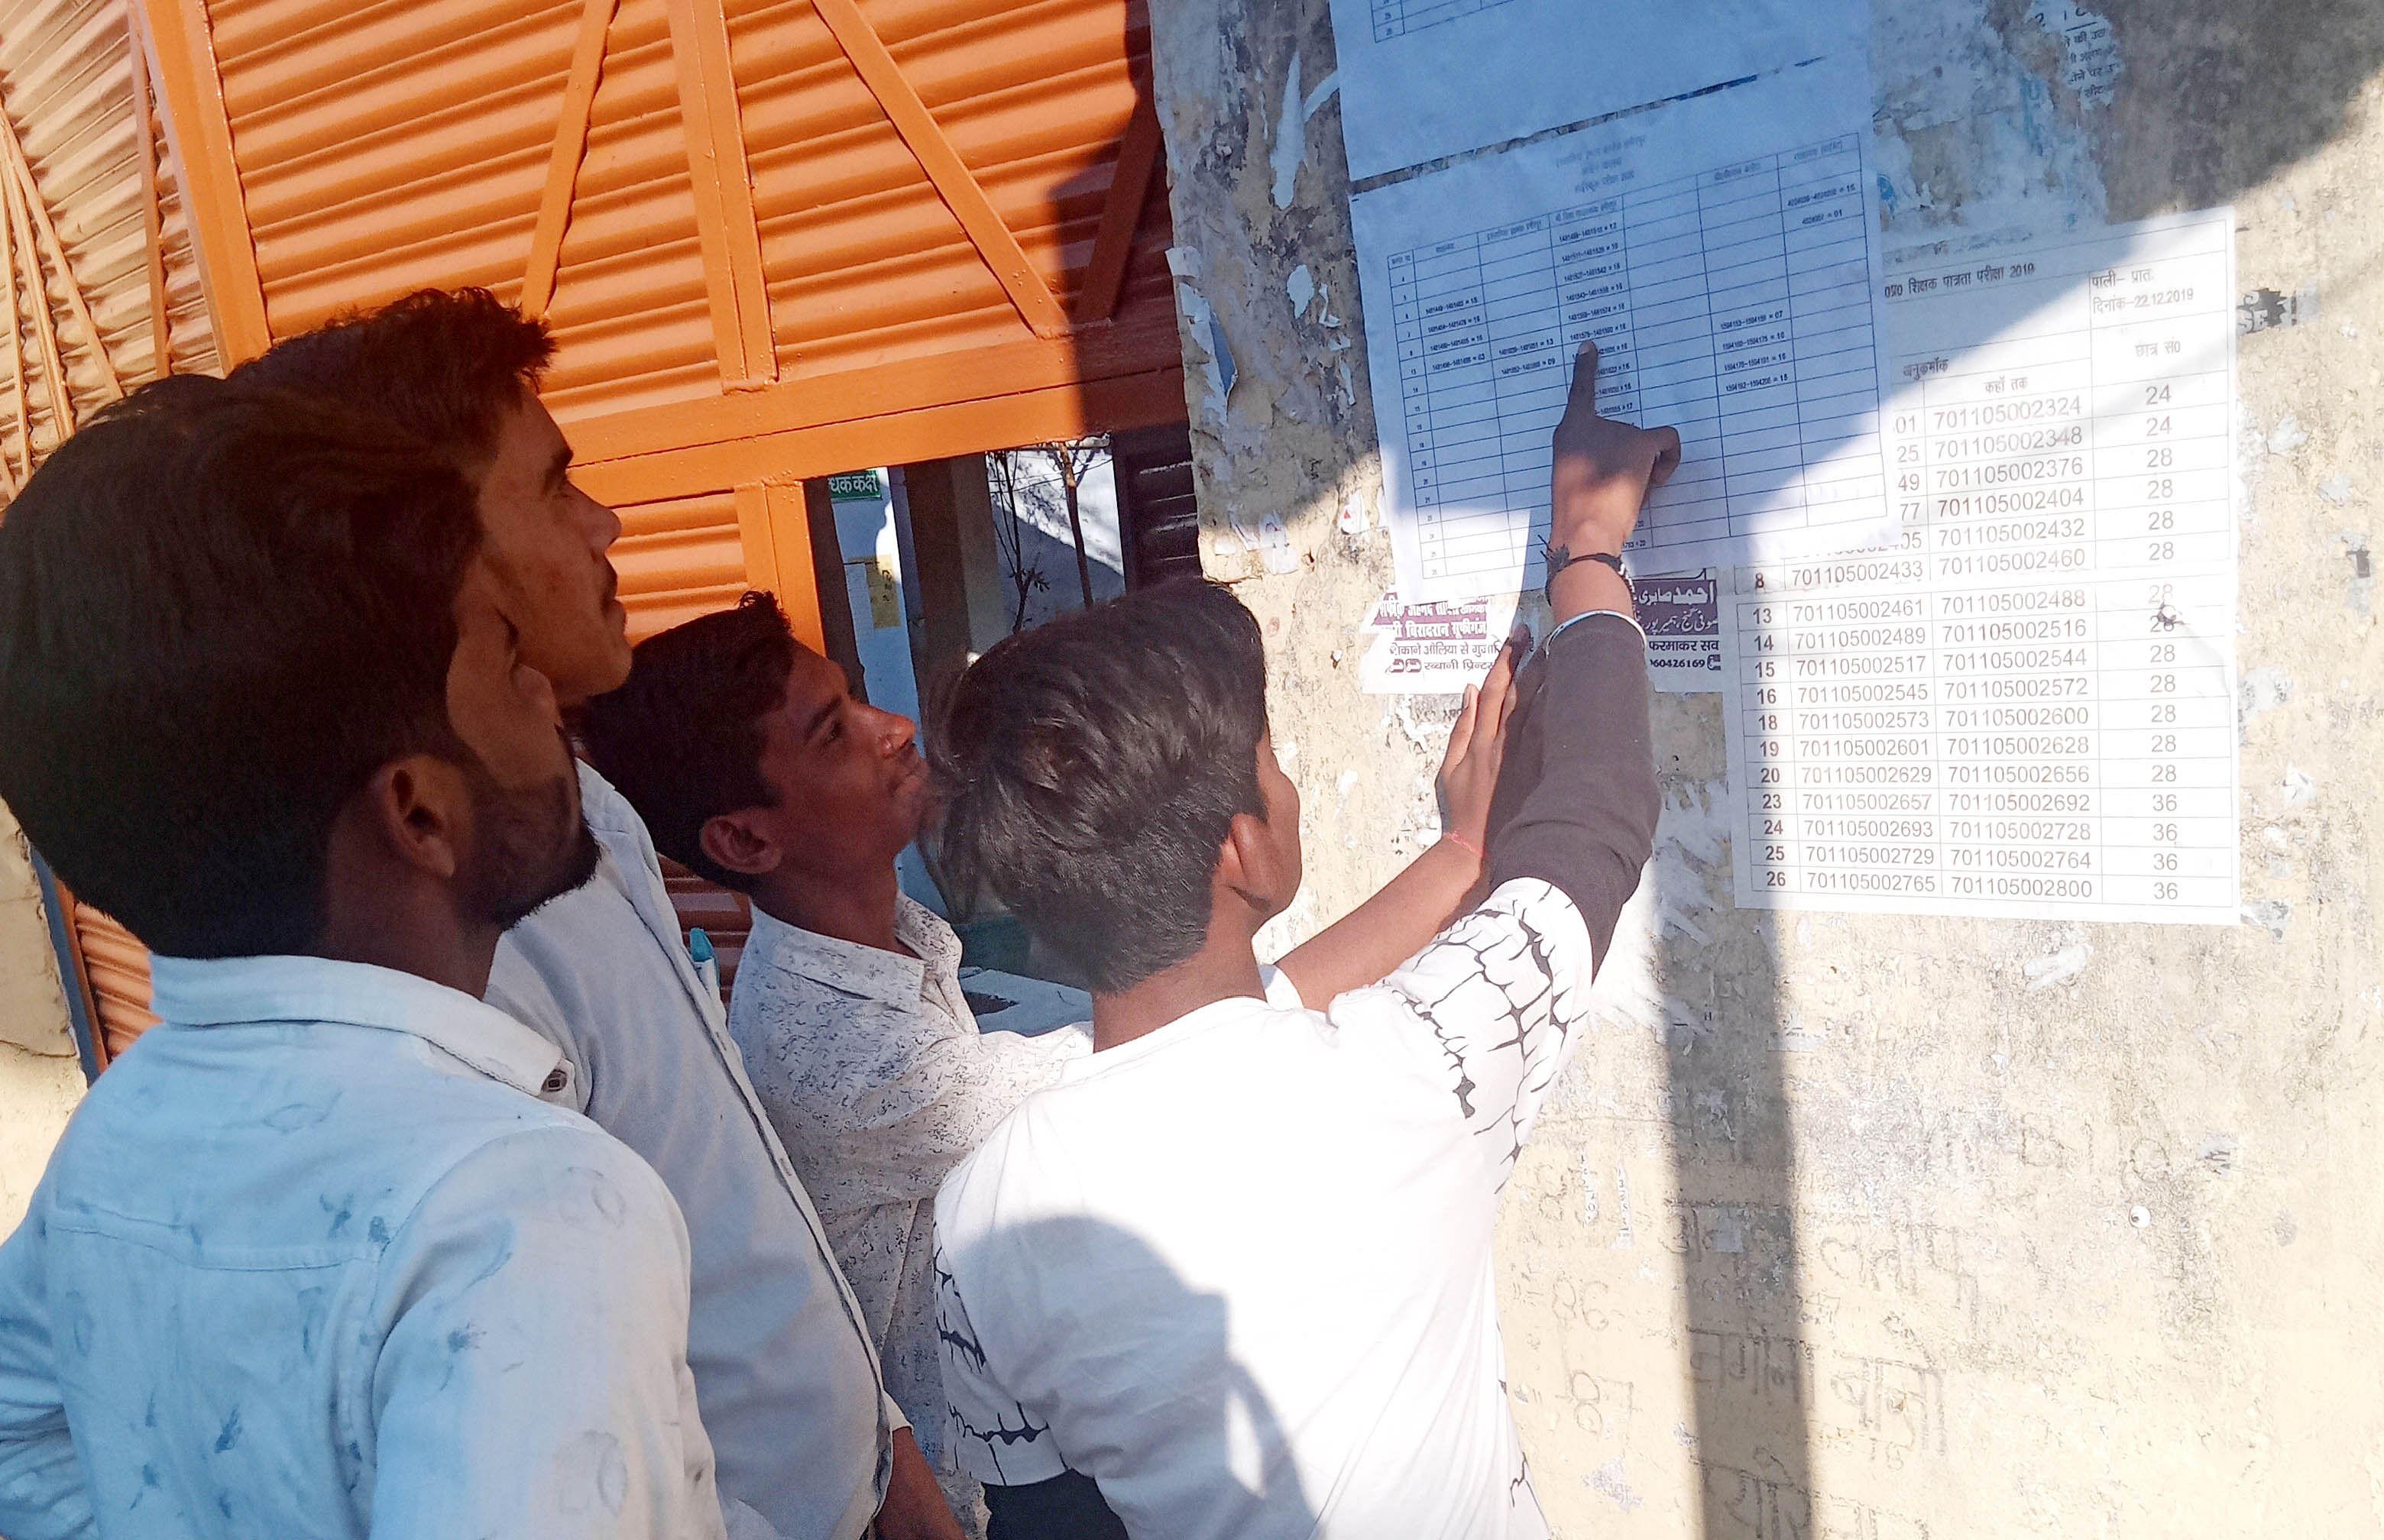 इस्लामिया इंटर कालेज में लगी कक्ष लिस्ट को देखते छात्र।